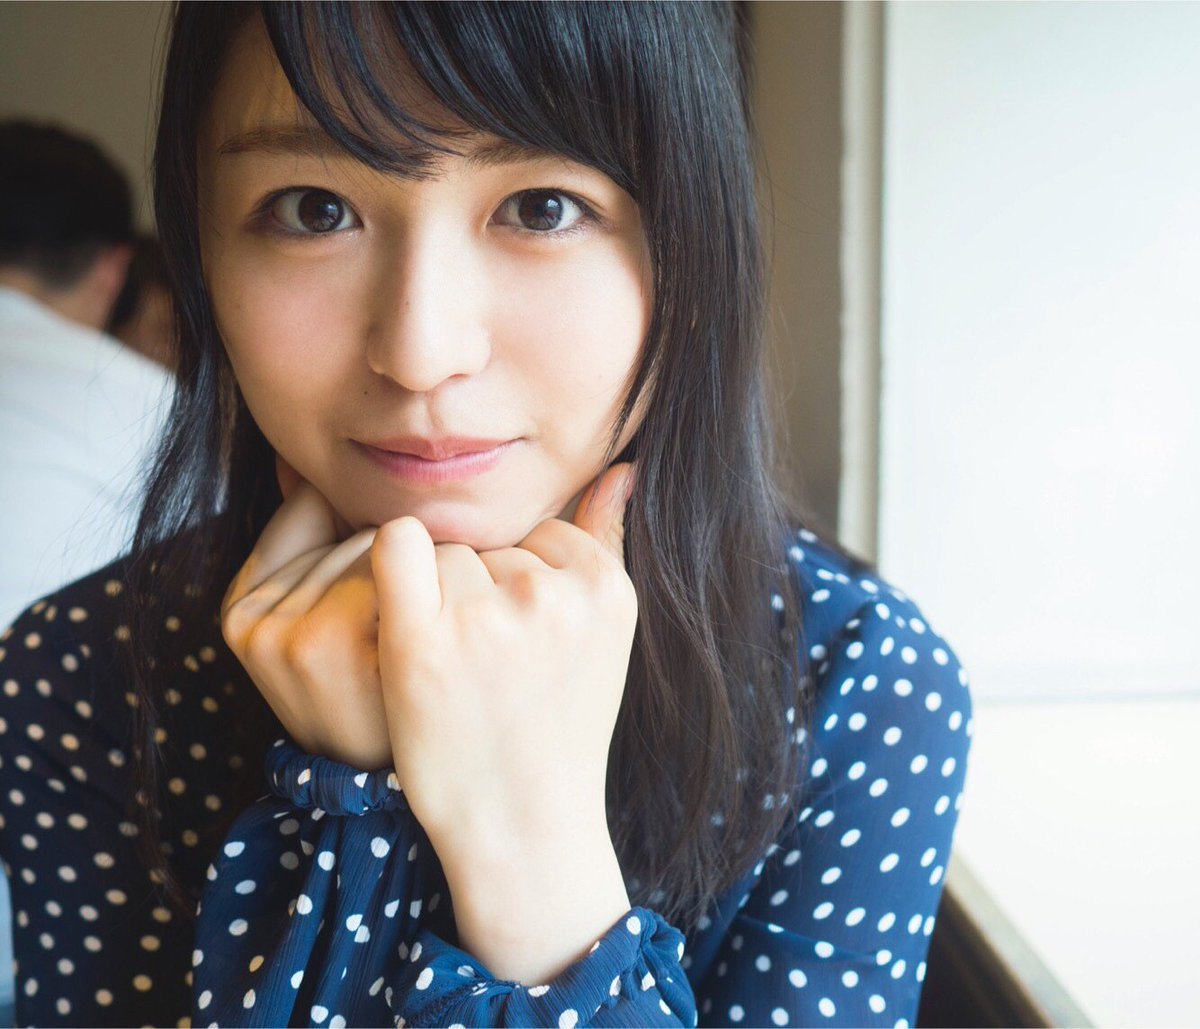 12月5日(火)に渡辺梨加、12月19日(火)に長濱ねるが1st写真集を発売することが決定しました❣…